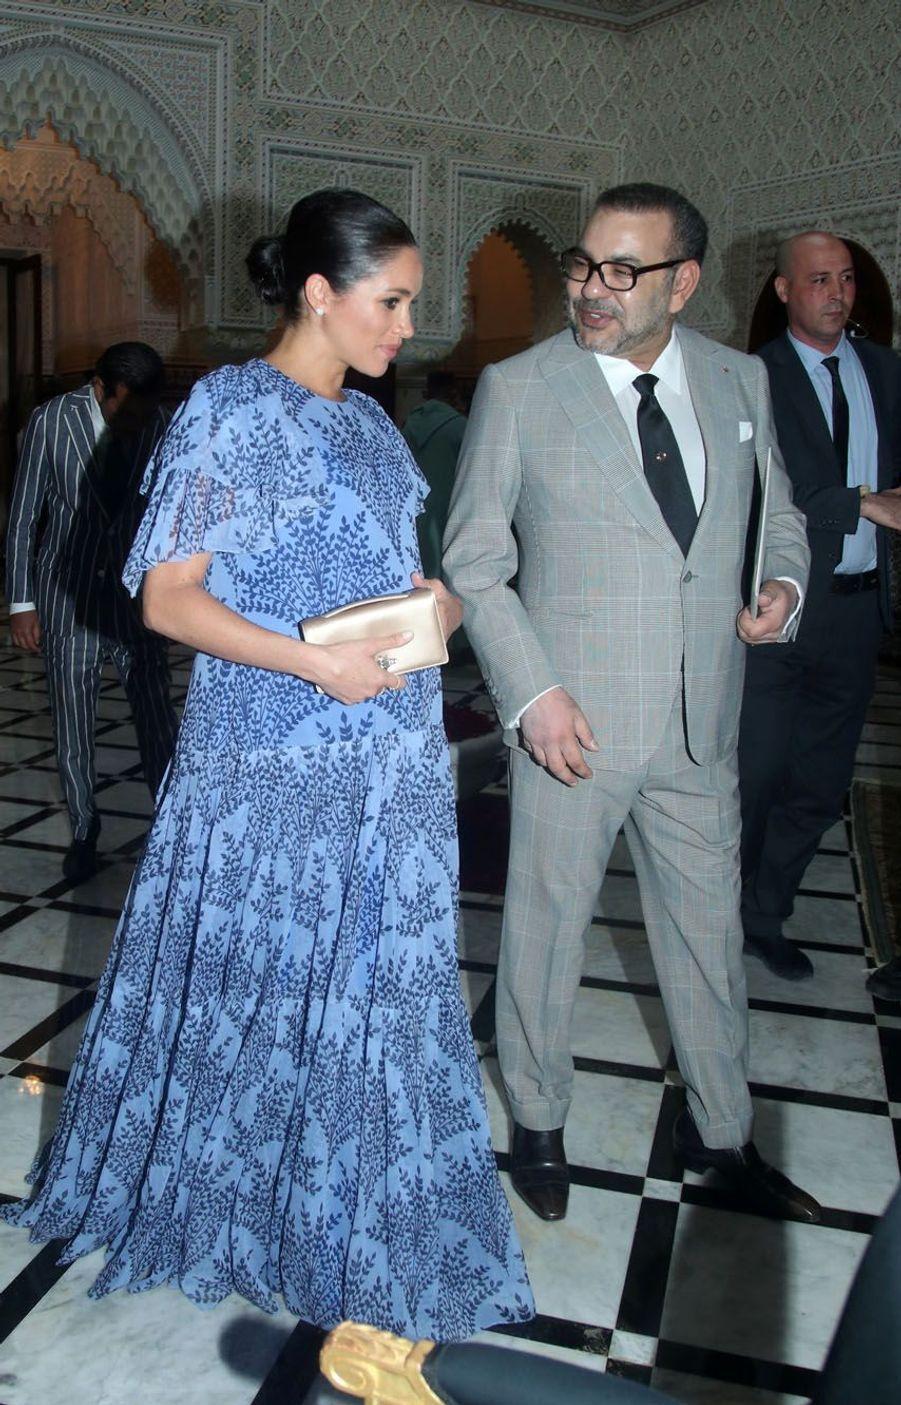 Précédé par Meghan, resplendissante dans sa longue robe bleue à motif fleuri, le prince Harry, en costume clair, aprésenté des lettres de la reine Elizabeth II au souverain.